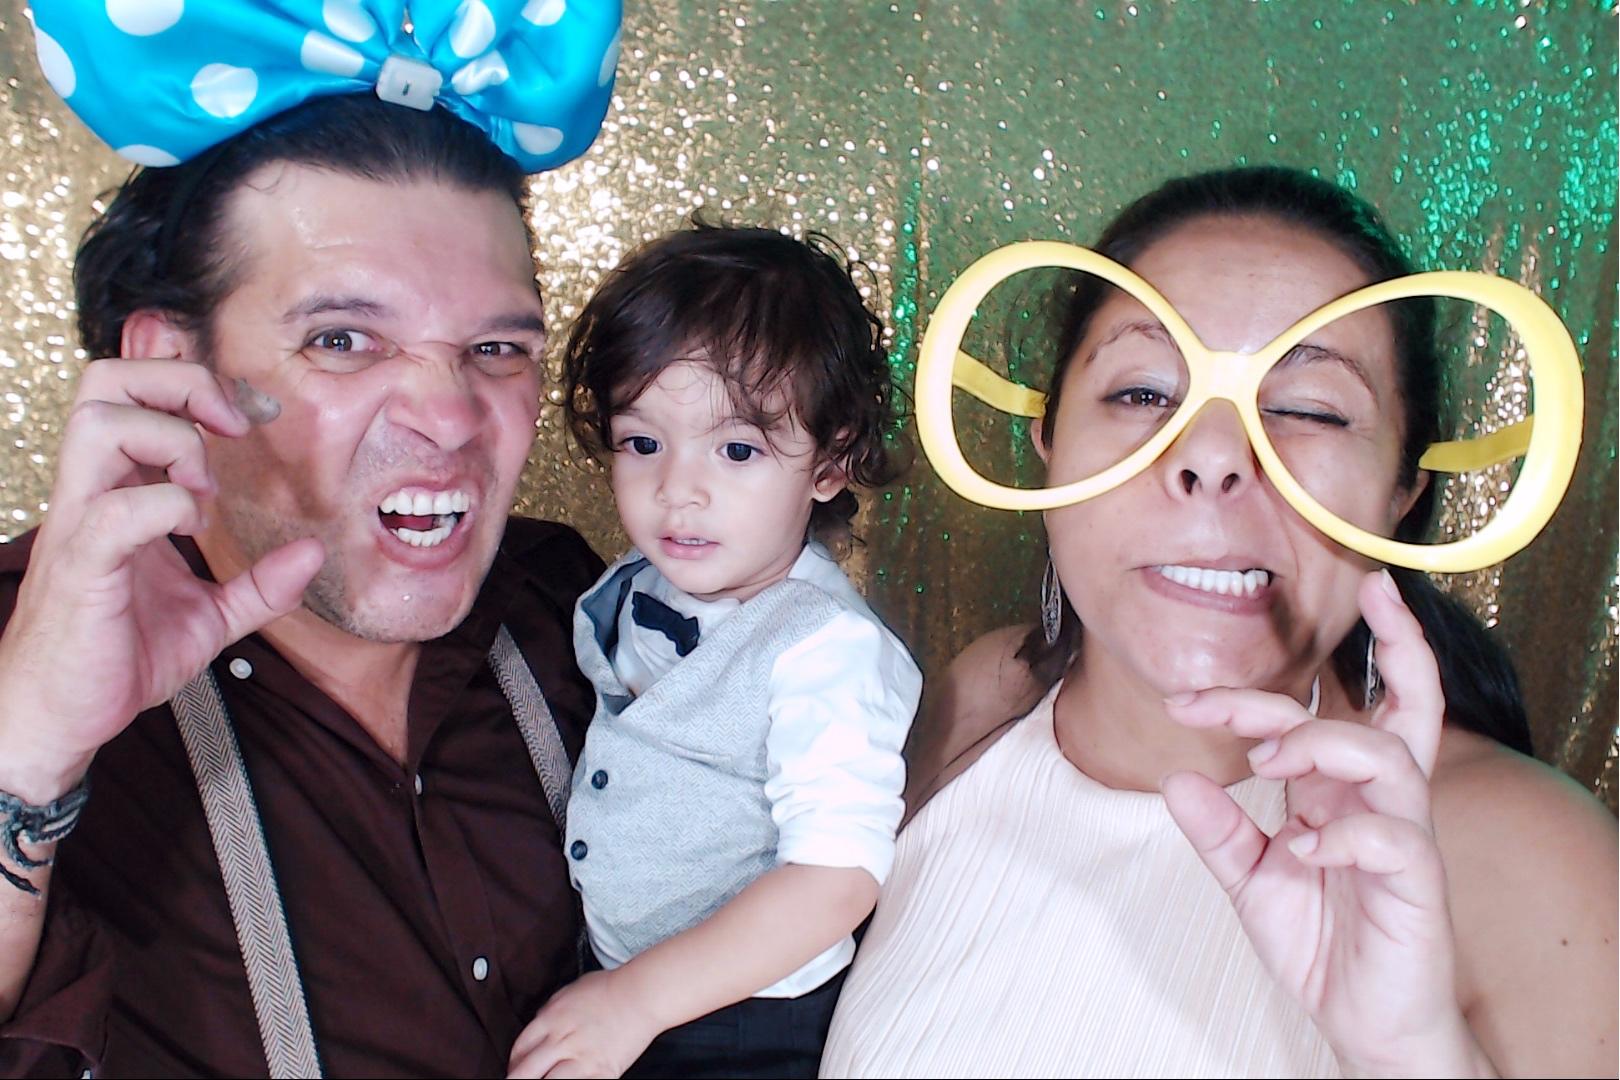 Quinceañerasphotoboothcancun00171